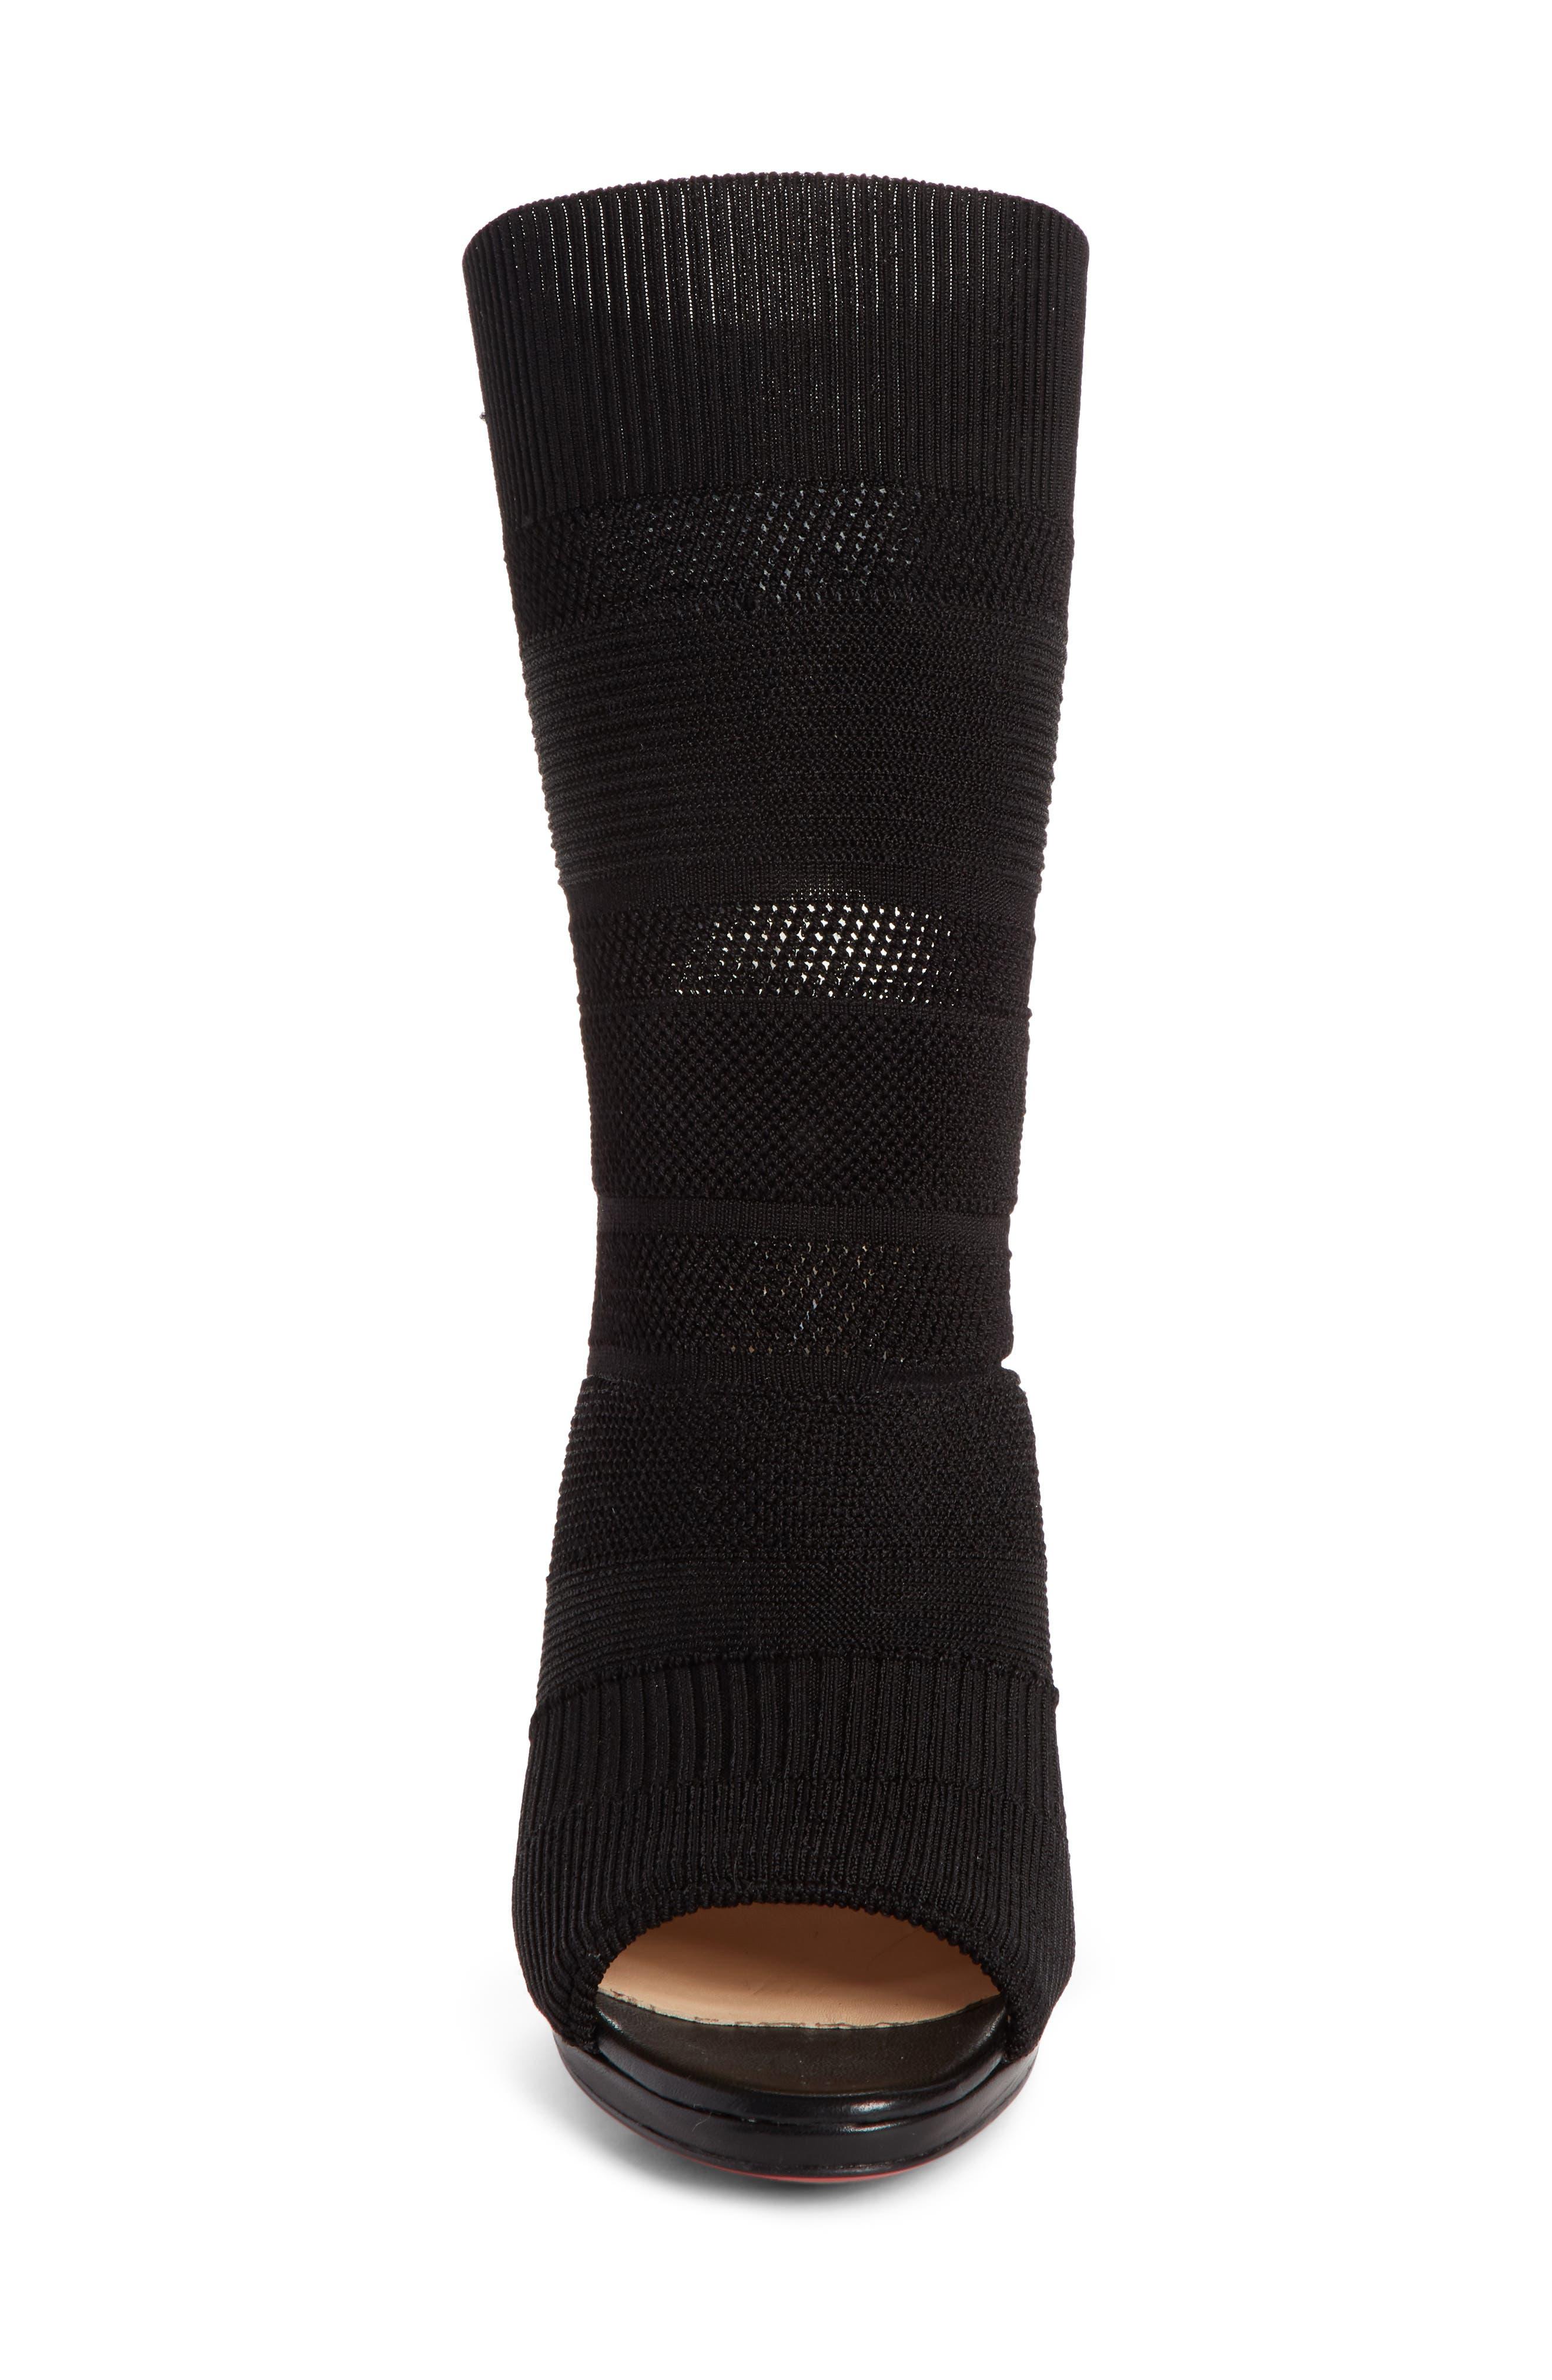 Cheminene Sock Sandal,                             Alternate thumbnail 4, color,                             001